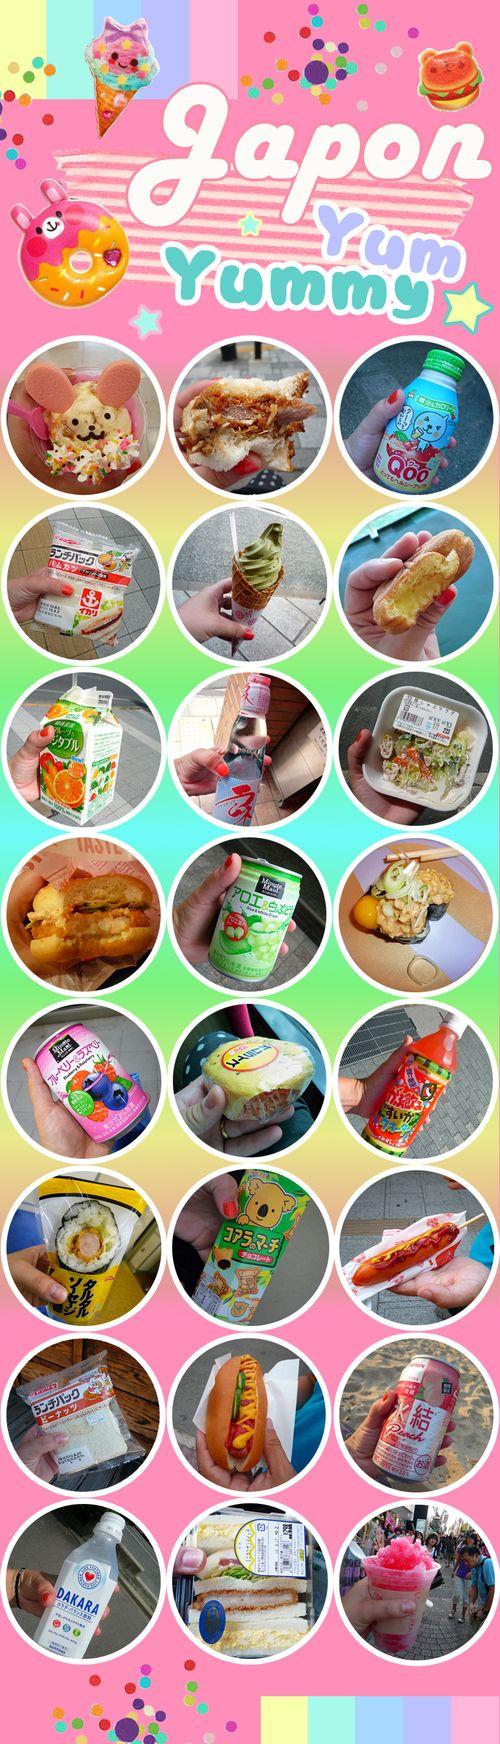 Yum-Yummy-JAPON